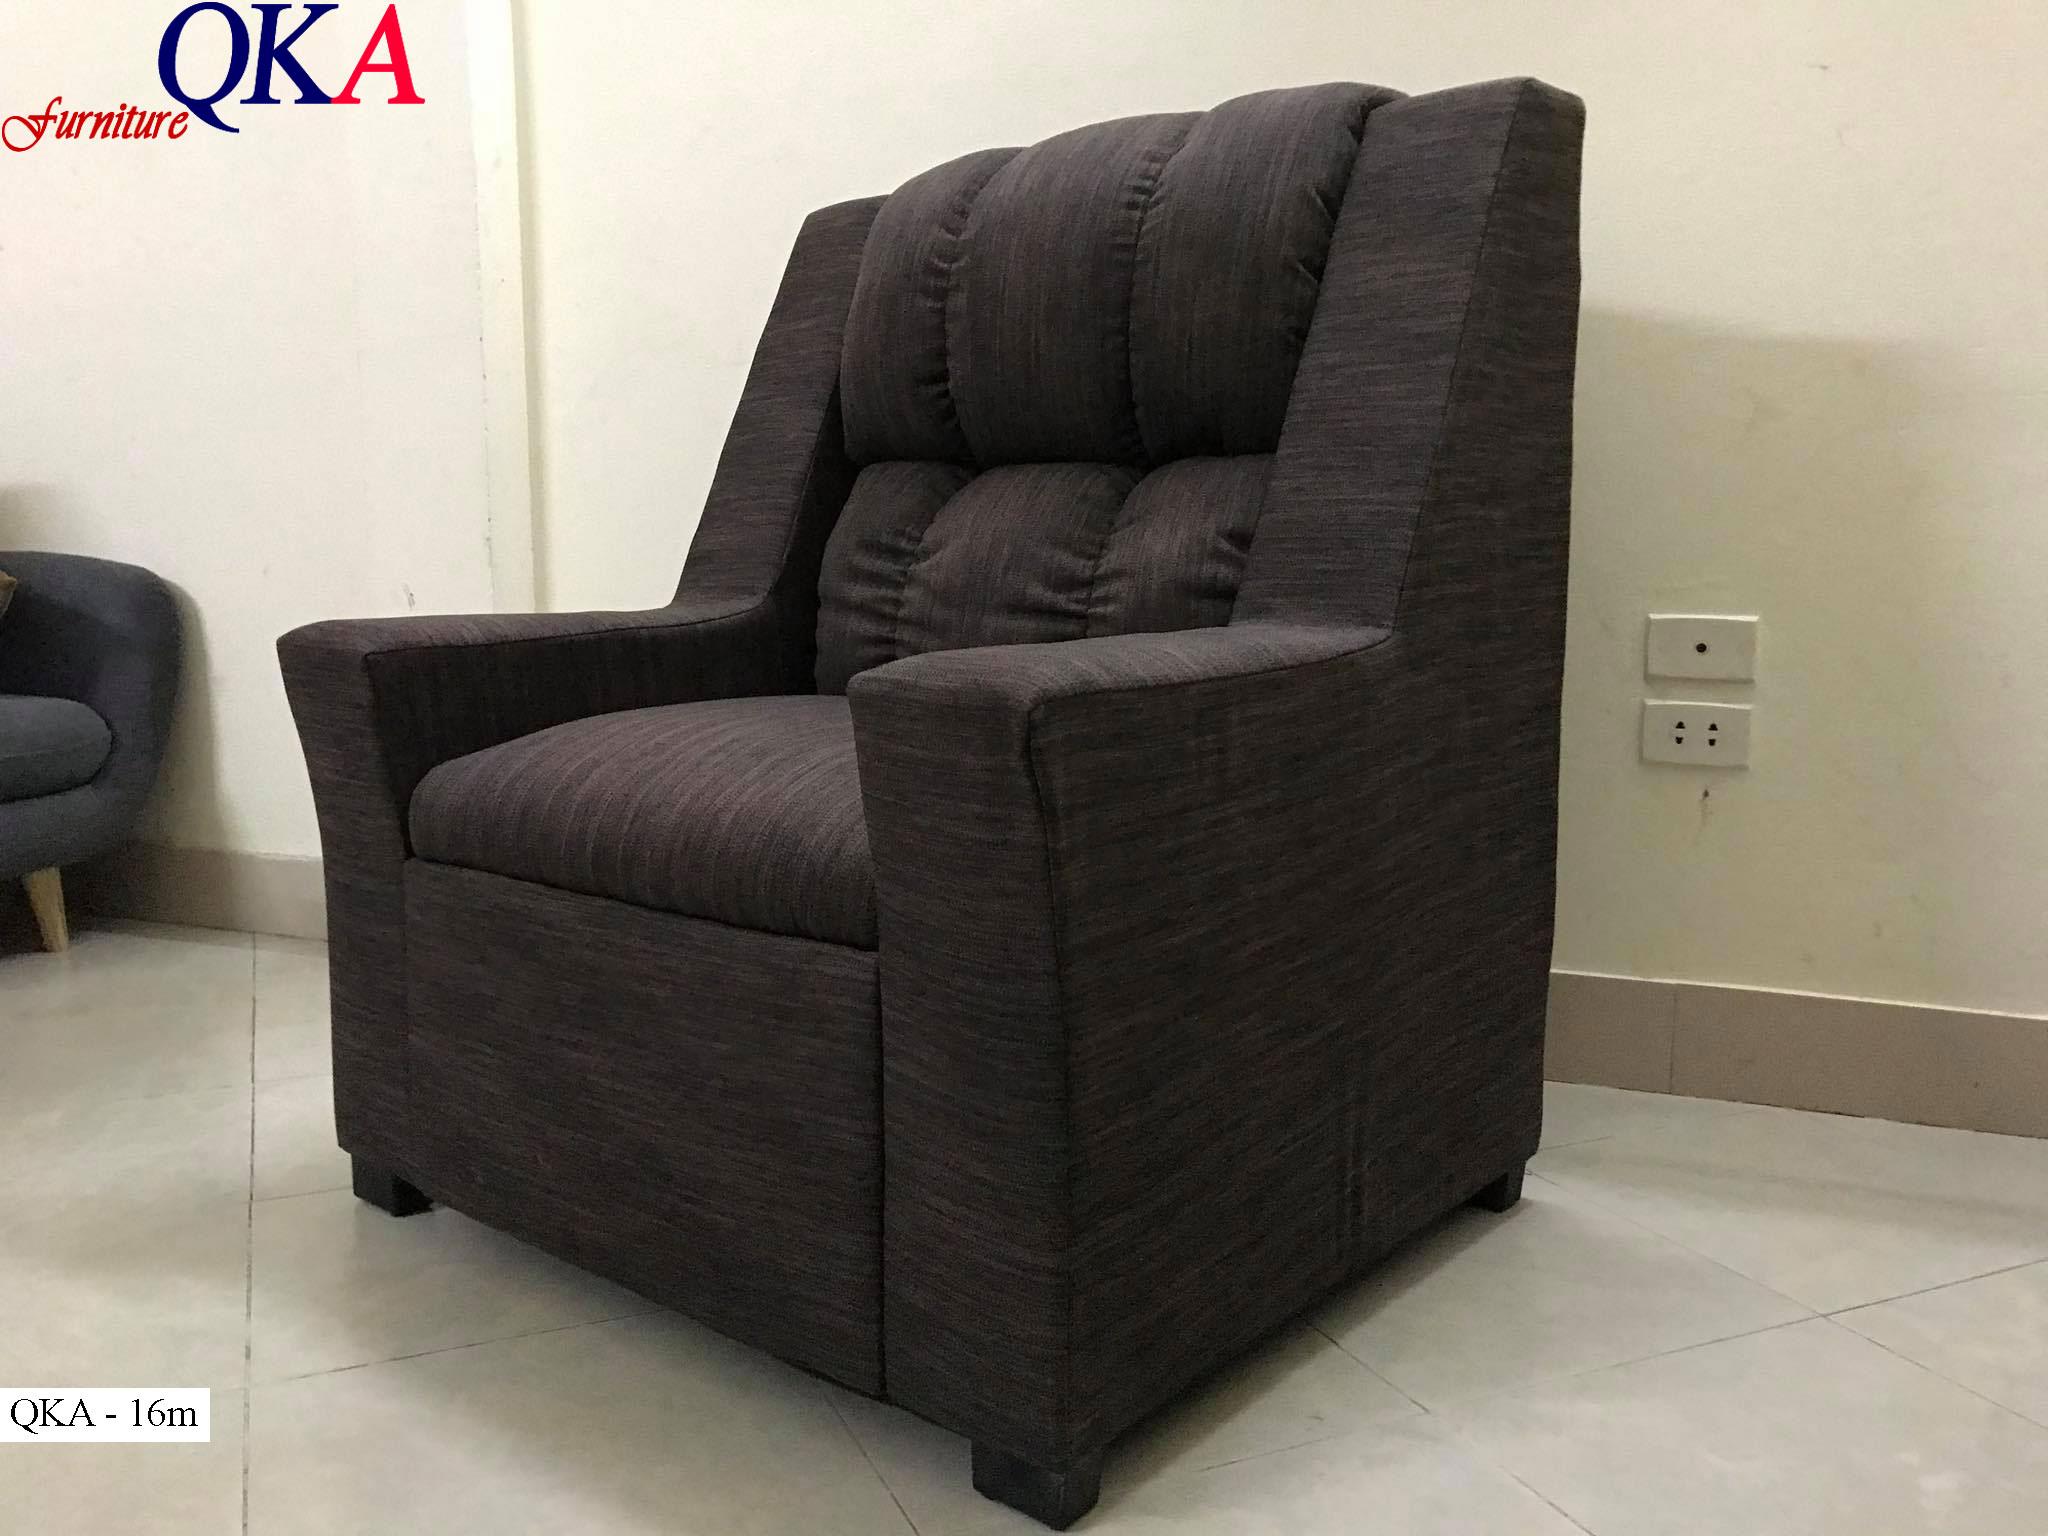 Ghế đơn sofa – QKA 16m